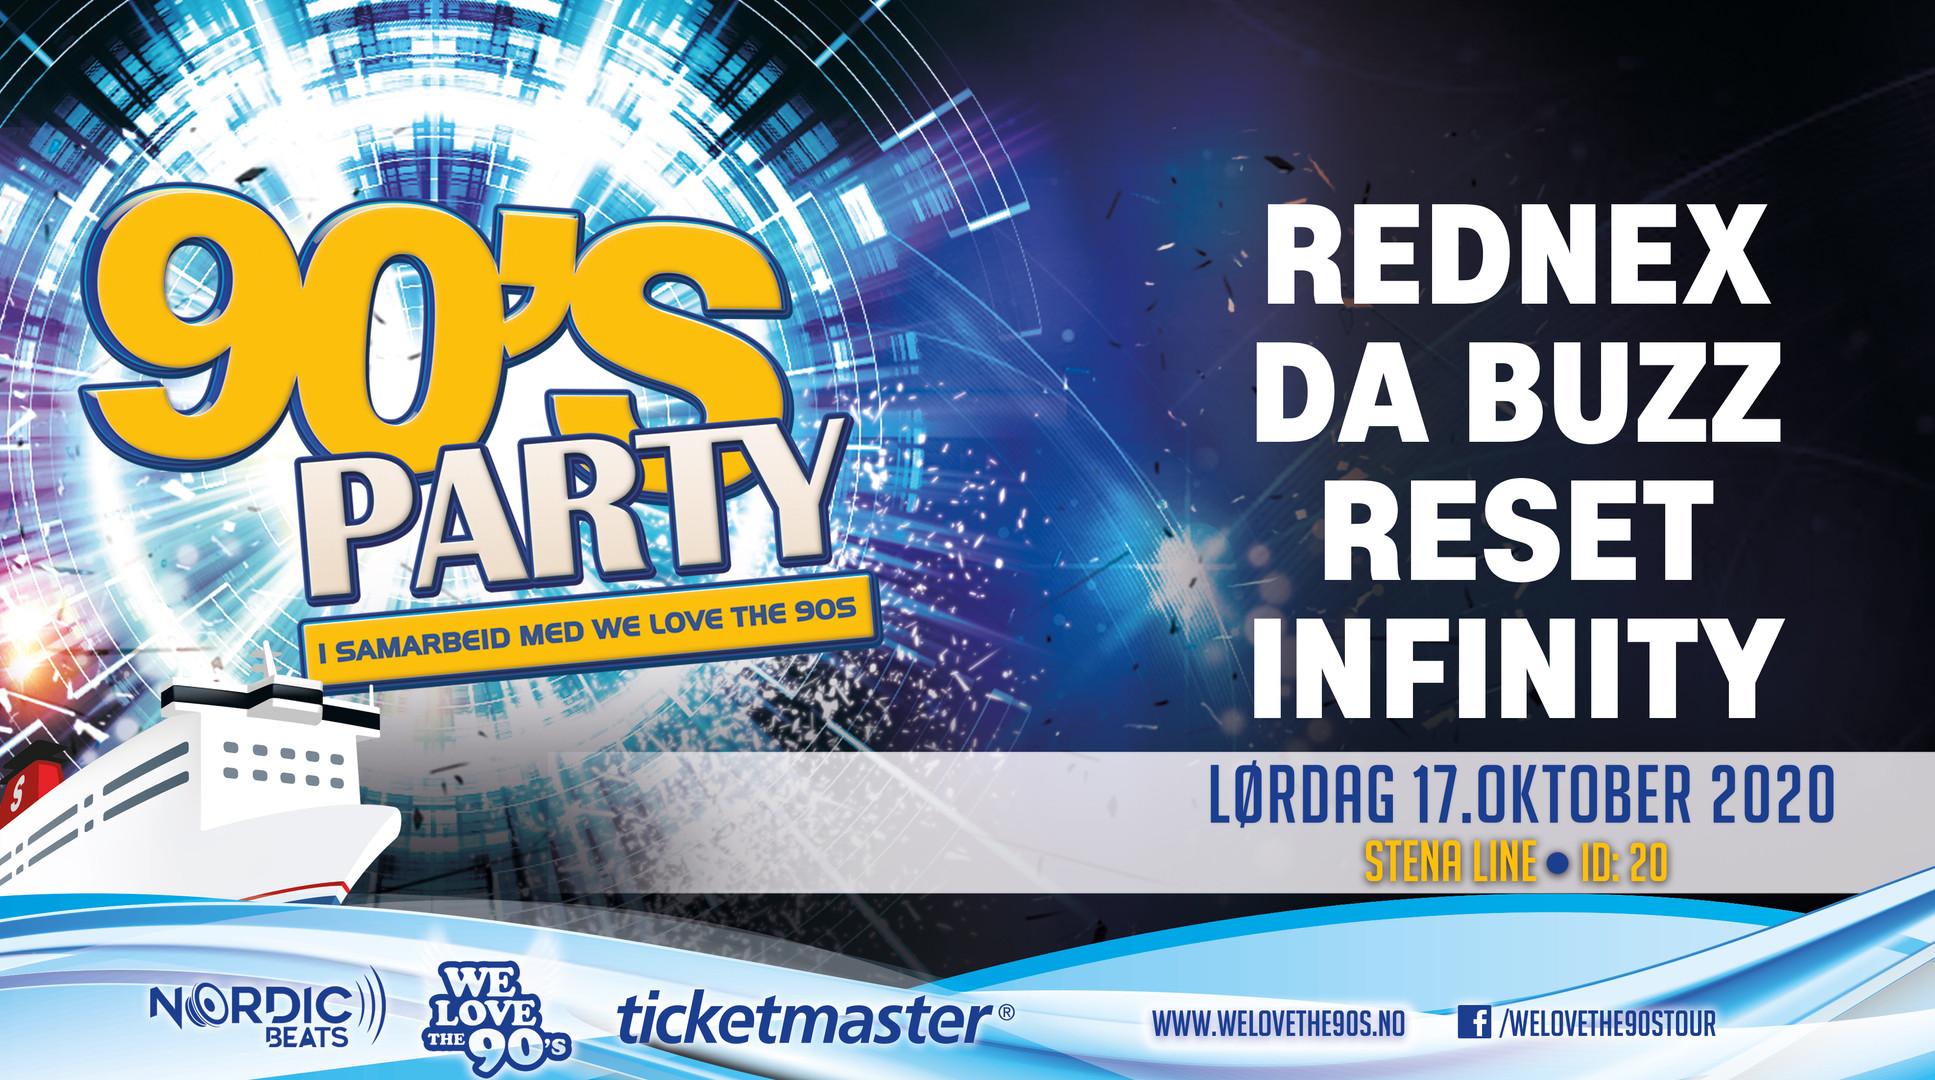 90S_Party_2020_FBbanner_Stenaline.jpg